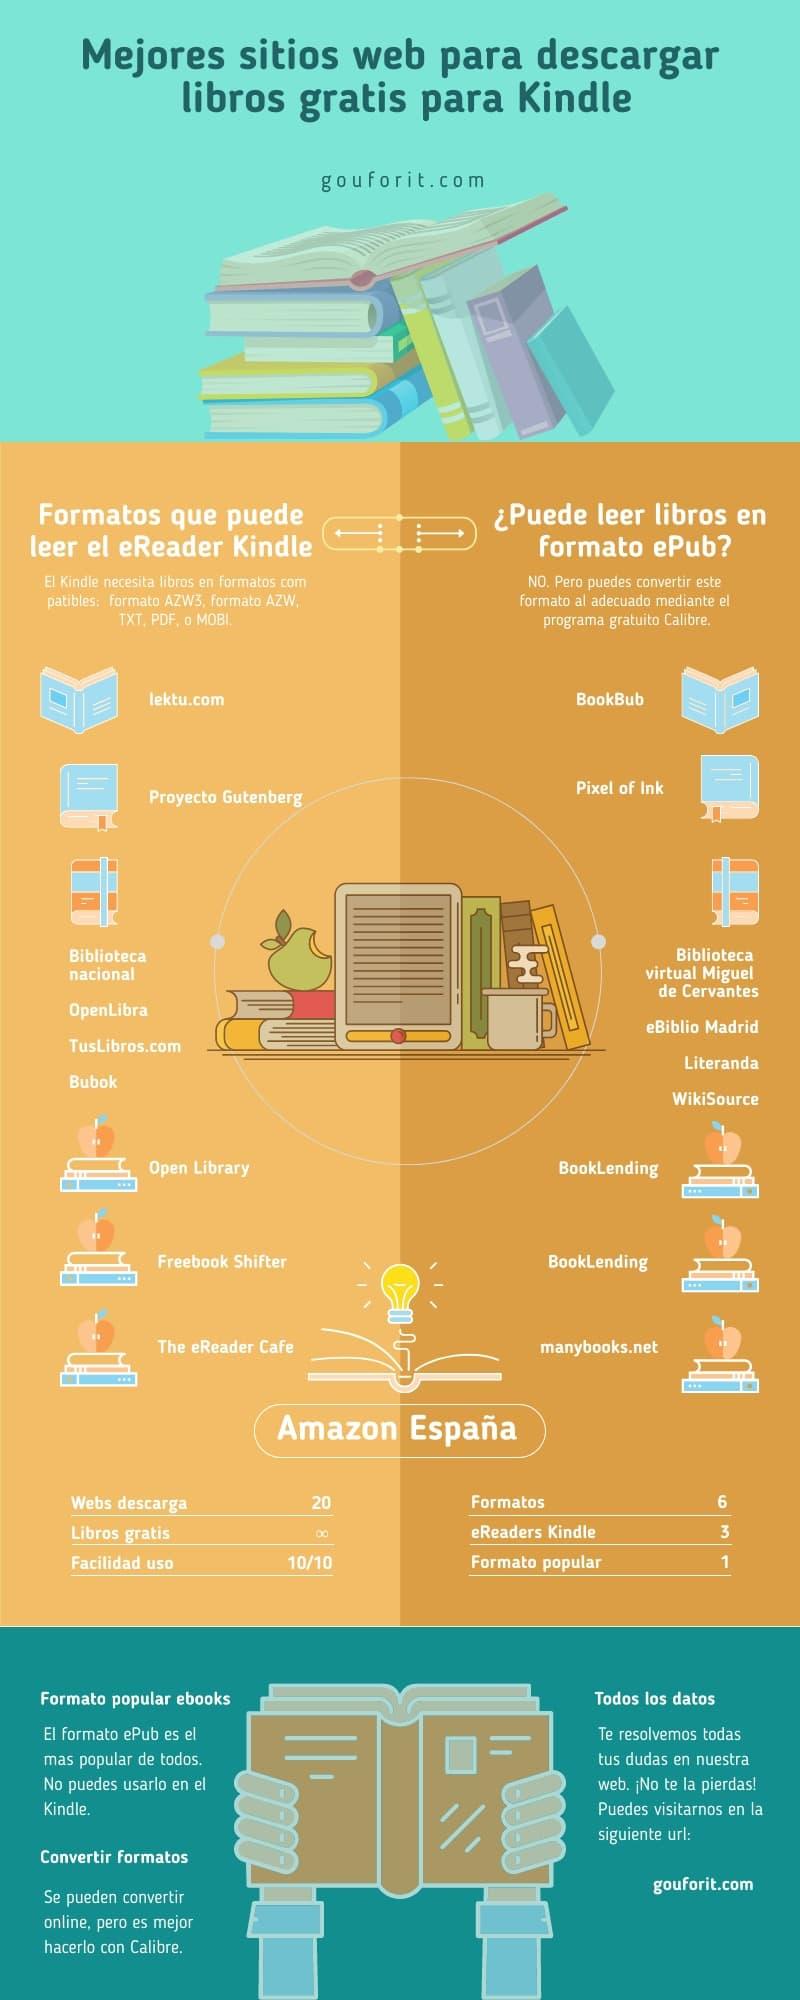 Infografia: Los 20 mejores sitios web para descargar libros gratis para Kindle